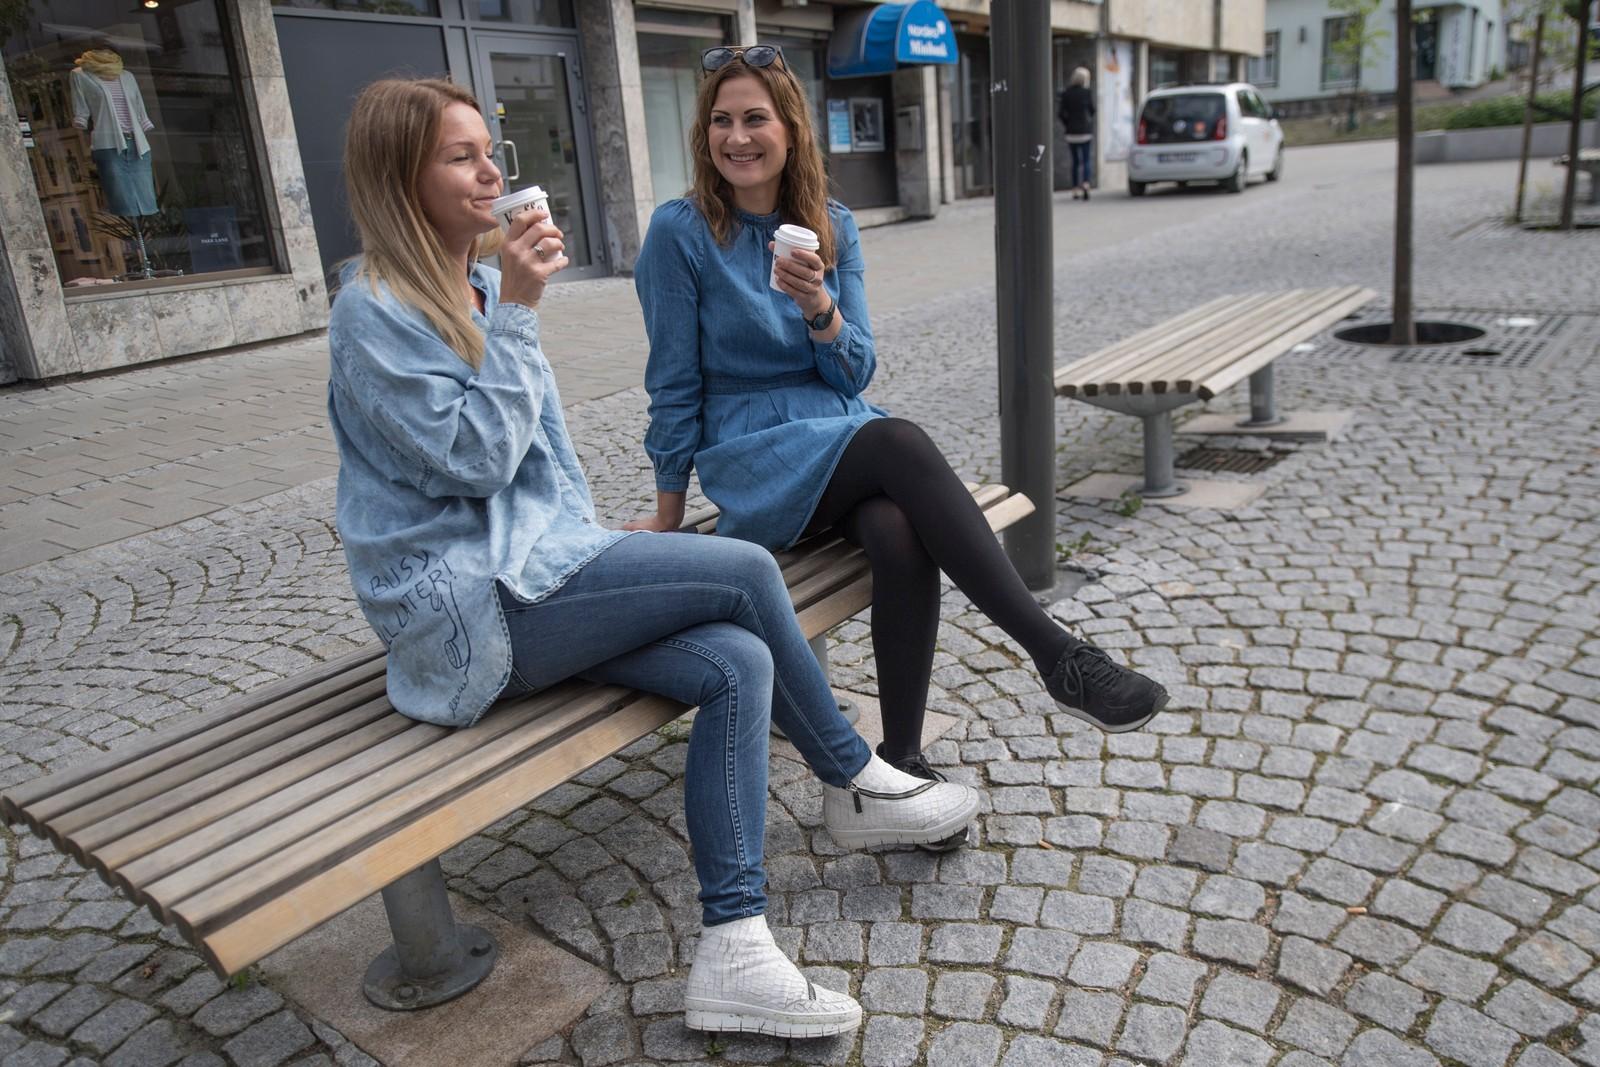 Hege Grundvig-Andersen og Mariell Bjerke Svendsen driver butikk i Fredrikstad sentrum. Det passet med en liten kaffepause for å feire byens nye attraktive status.